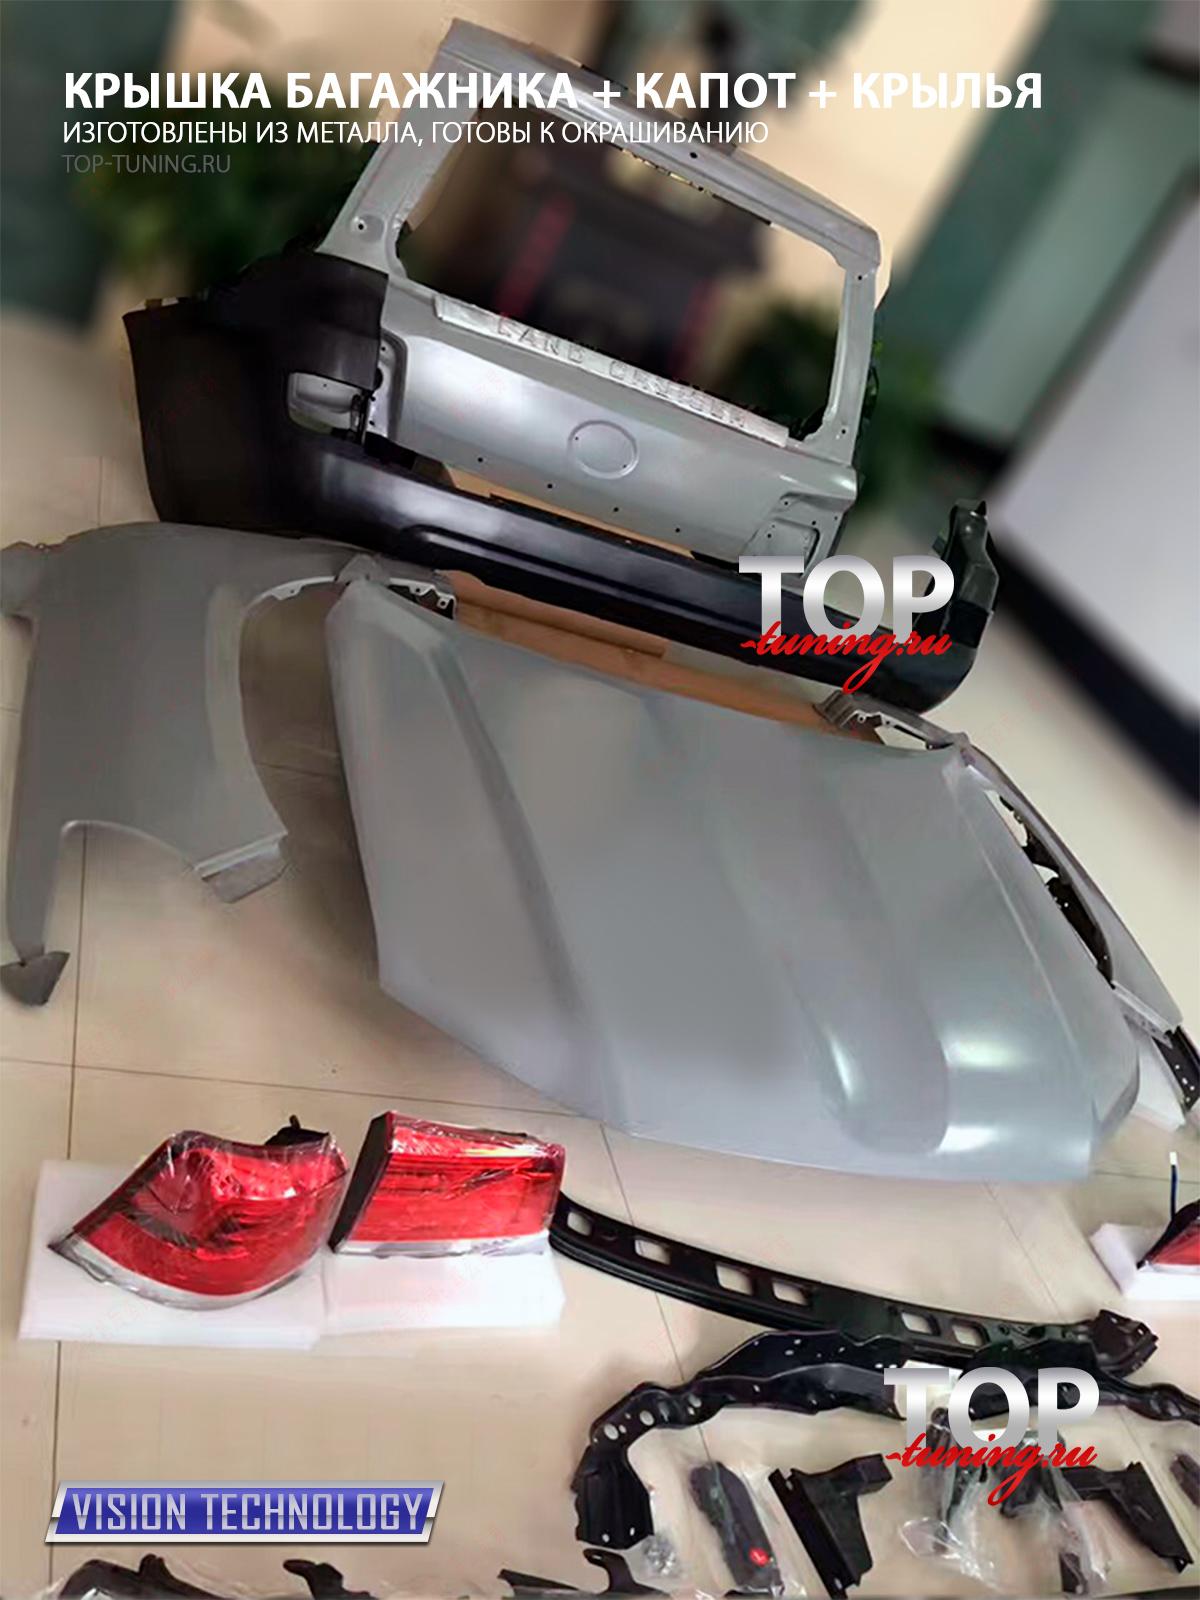 Капот + багажник + задний бампер + крылья